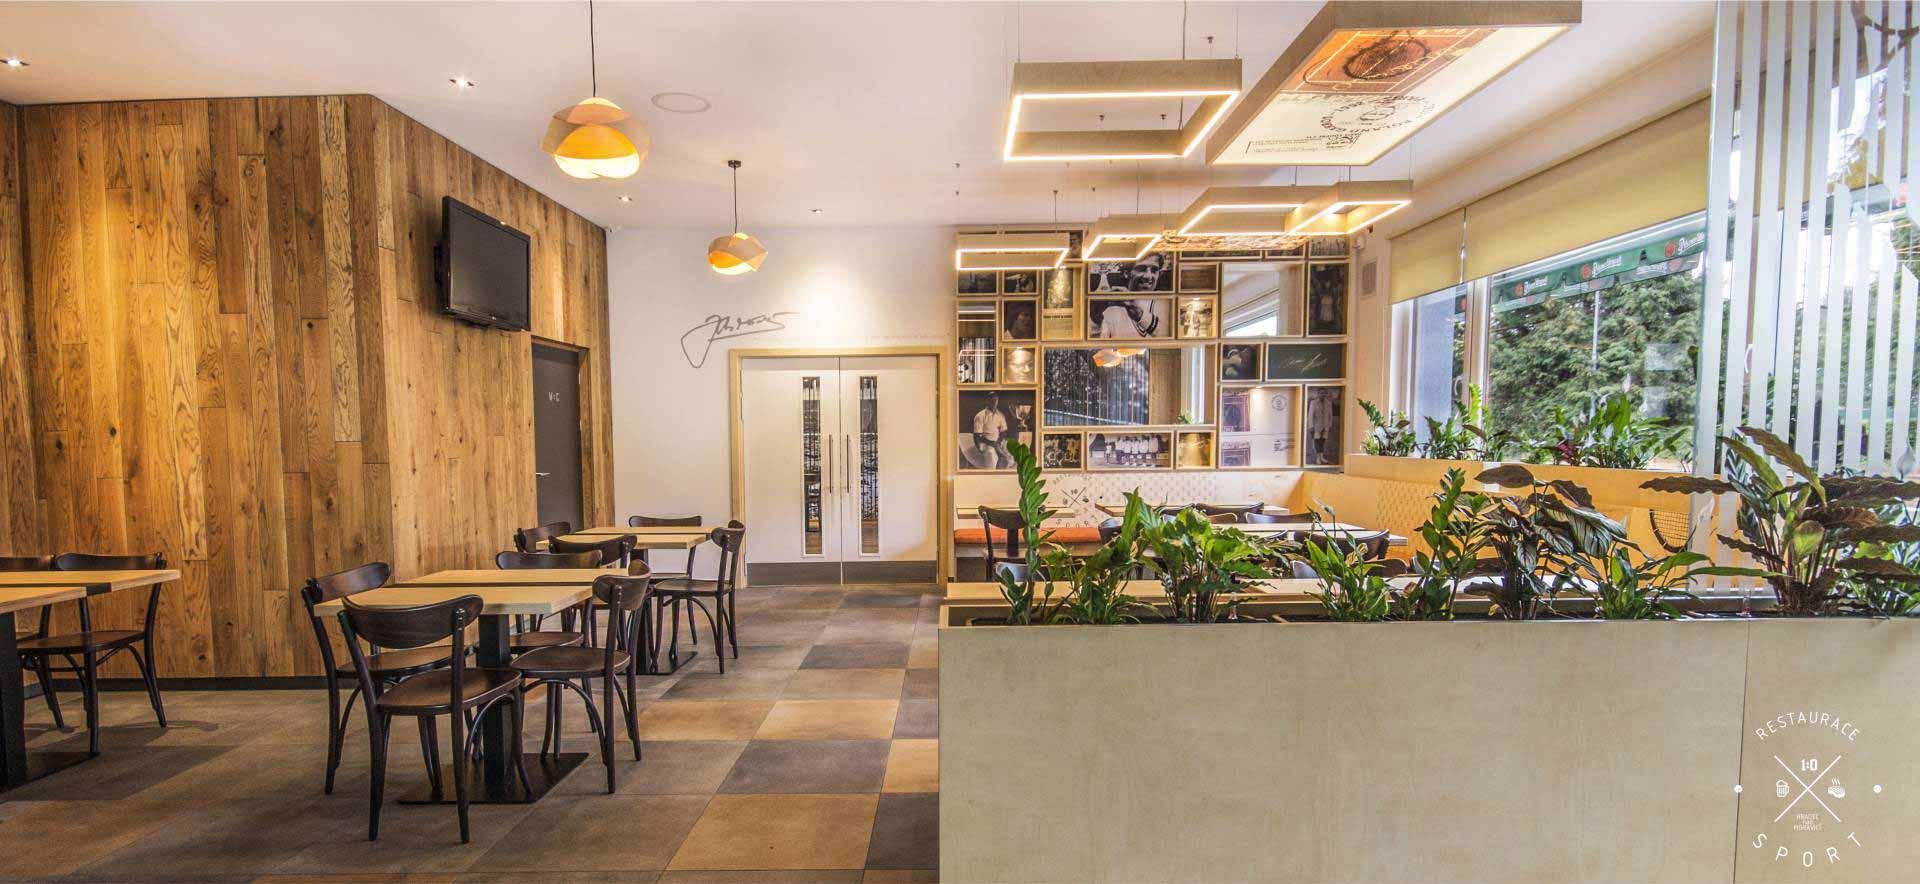 Dobrou chuť a příjemné zažití Vám přeje Restaurace SPORT v Hradci nad Moravicí